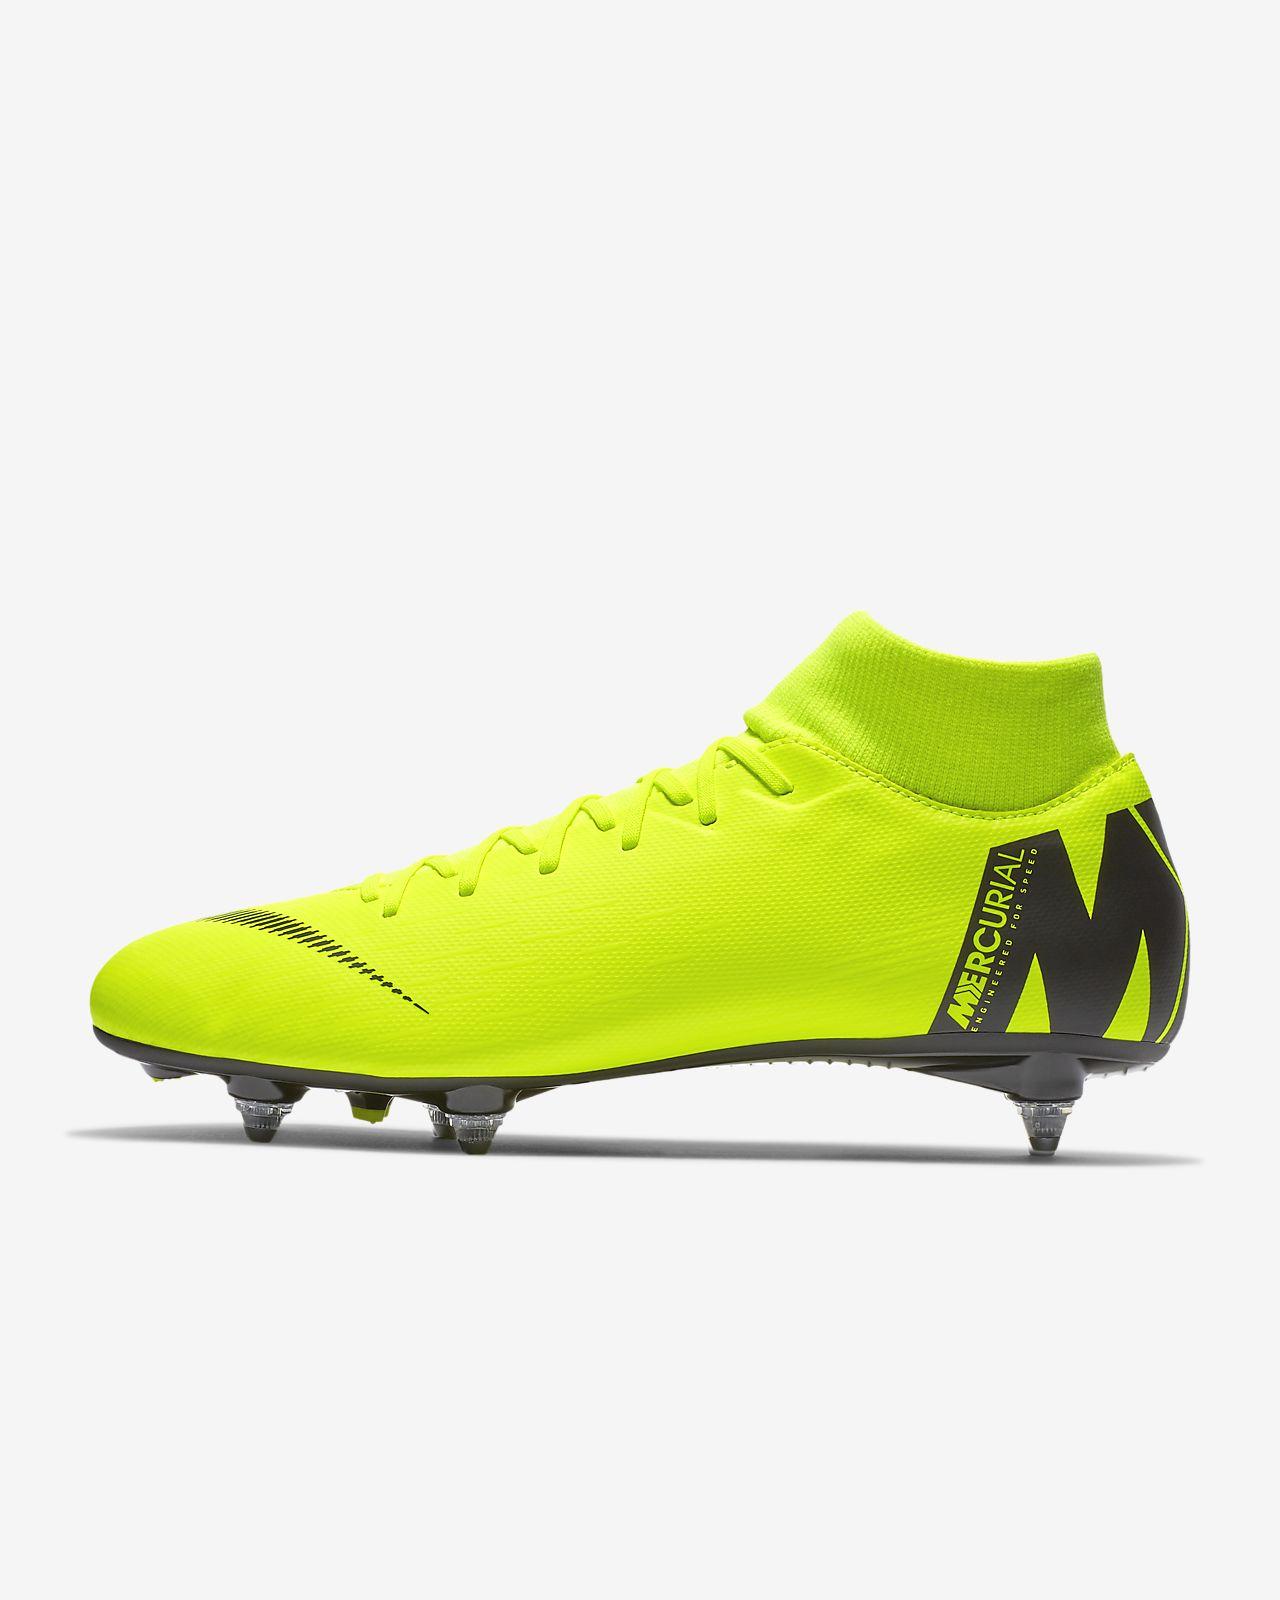 Pro Terreni Calcio Da Mercurial Scarpa Per Vi Morbidi Sg Academy Nike Superfly fPxR5Ww